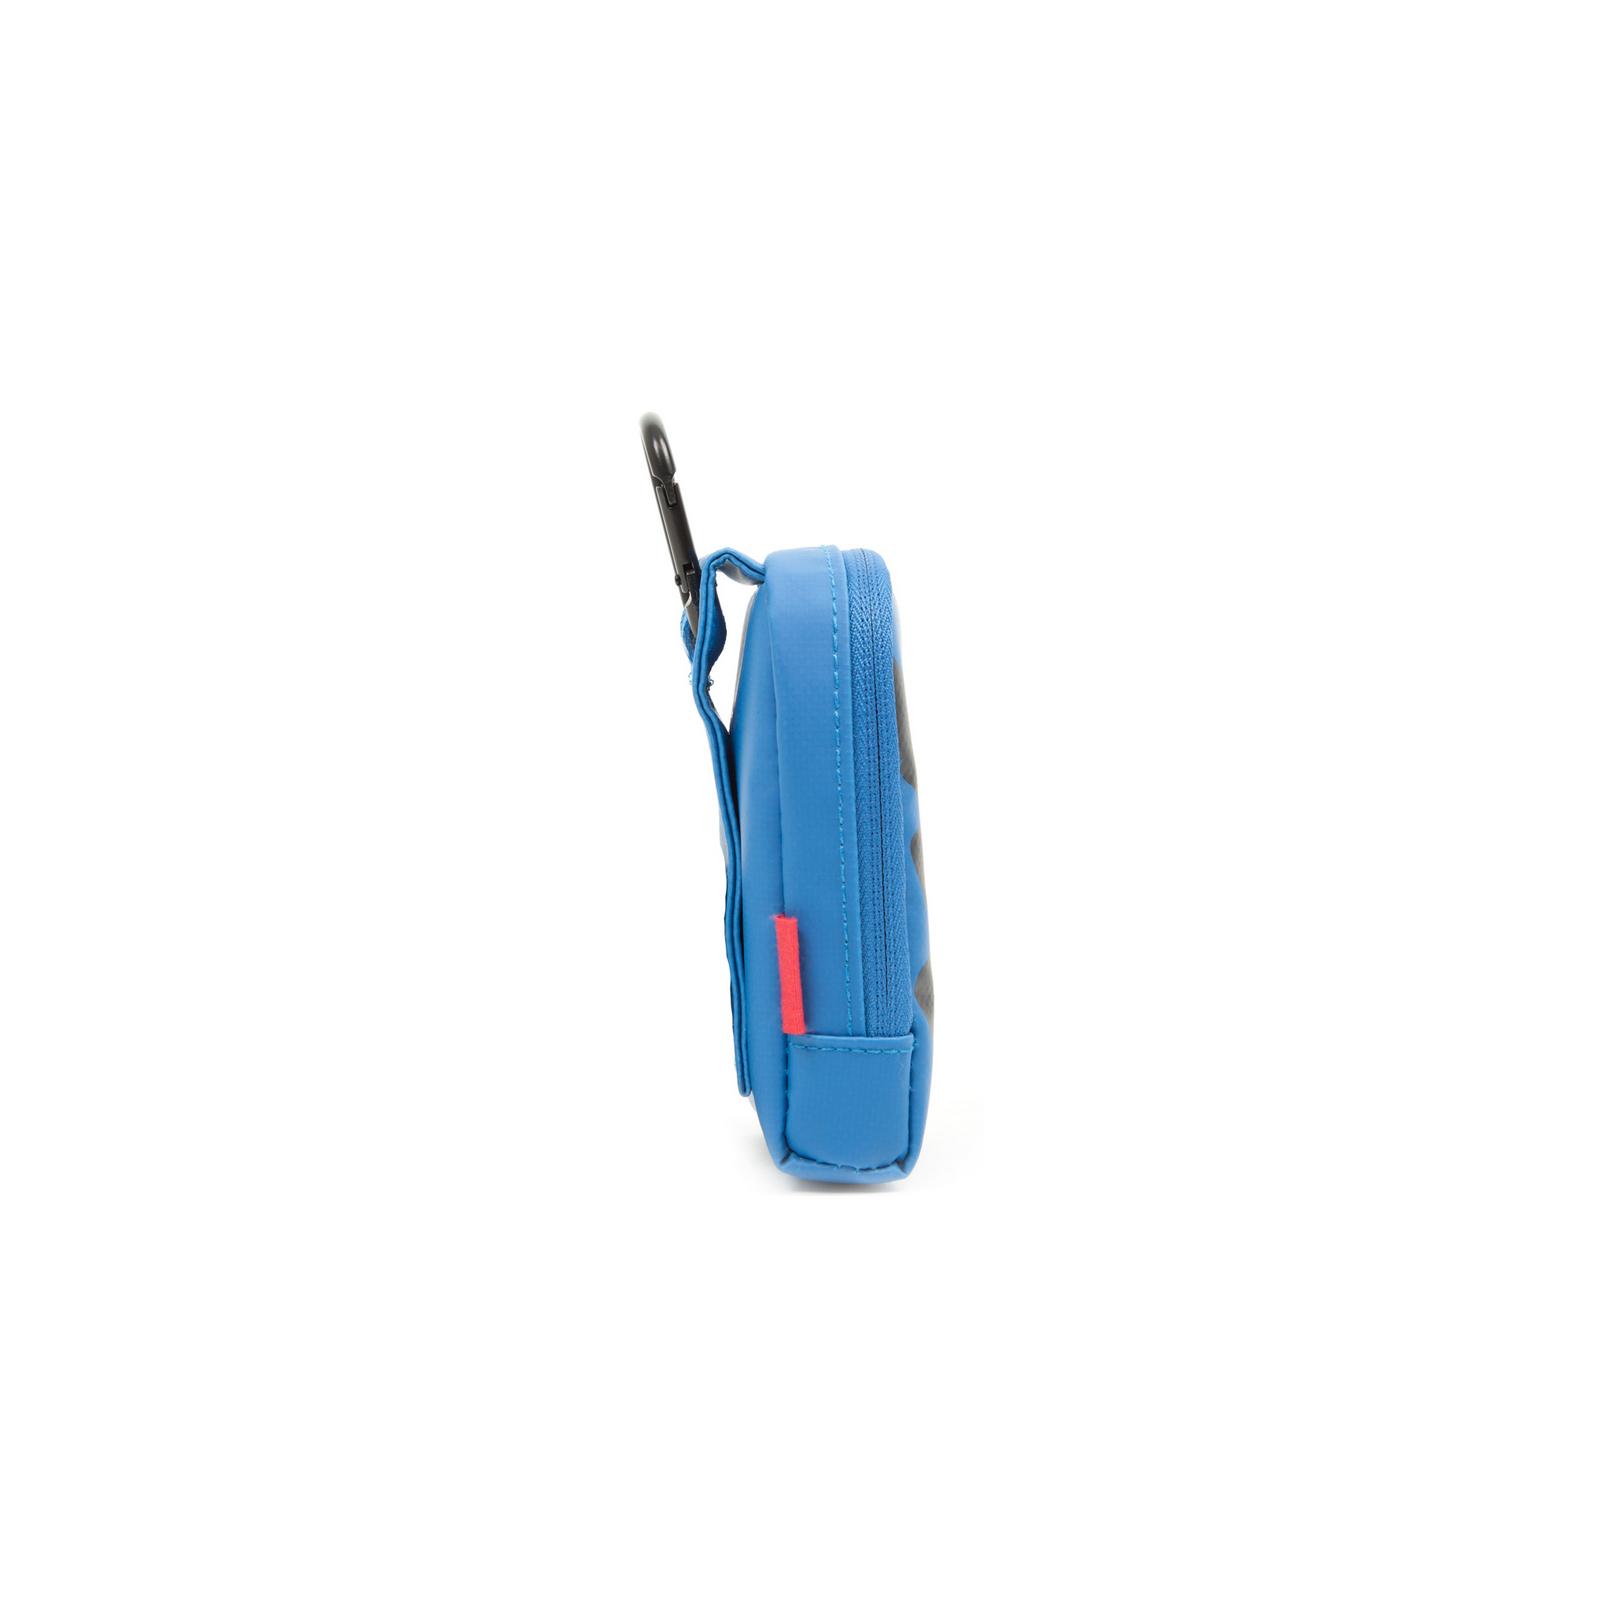 Фото-сумка Golla Digi Bag Burt PVC/polyester /blue (G1353) изображение 3